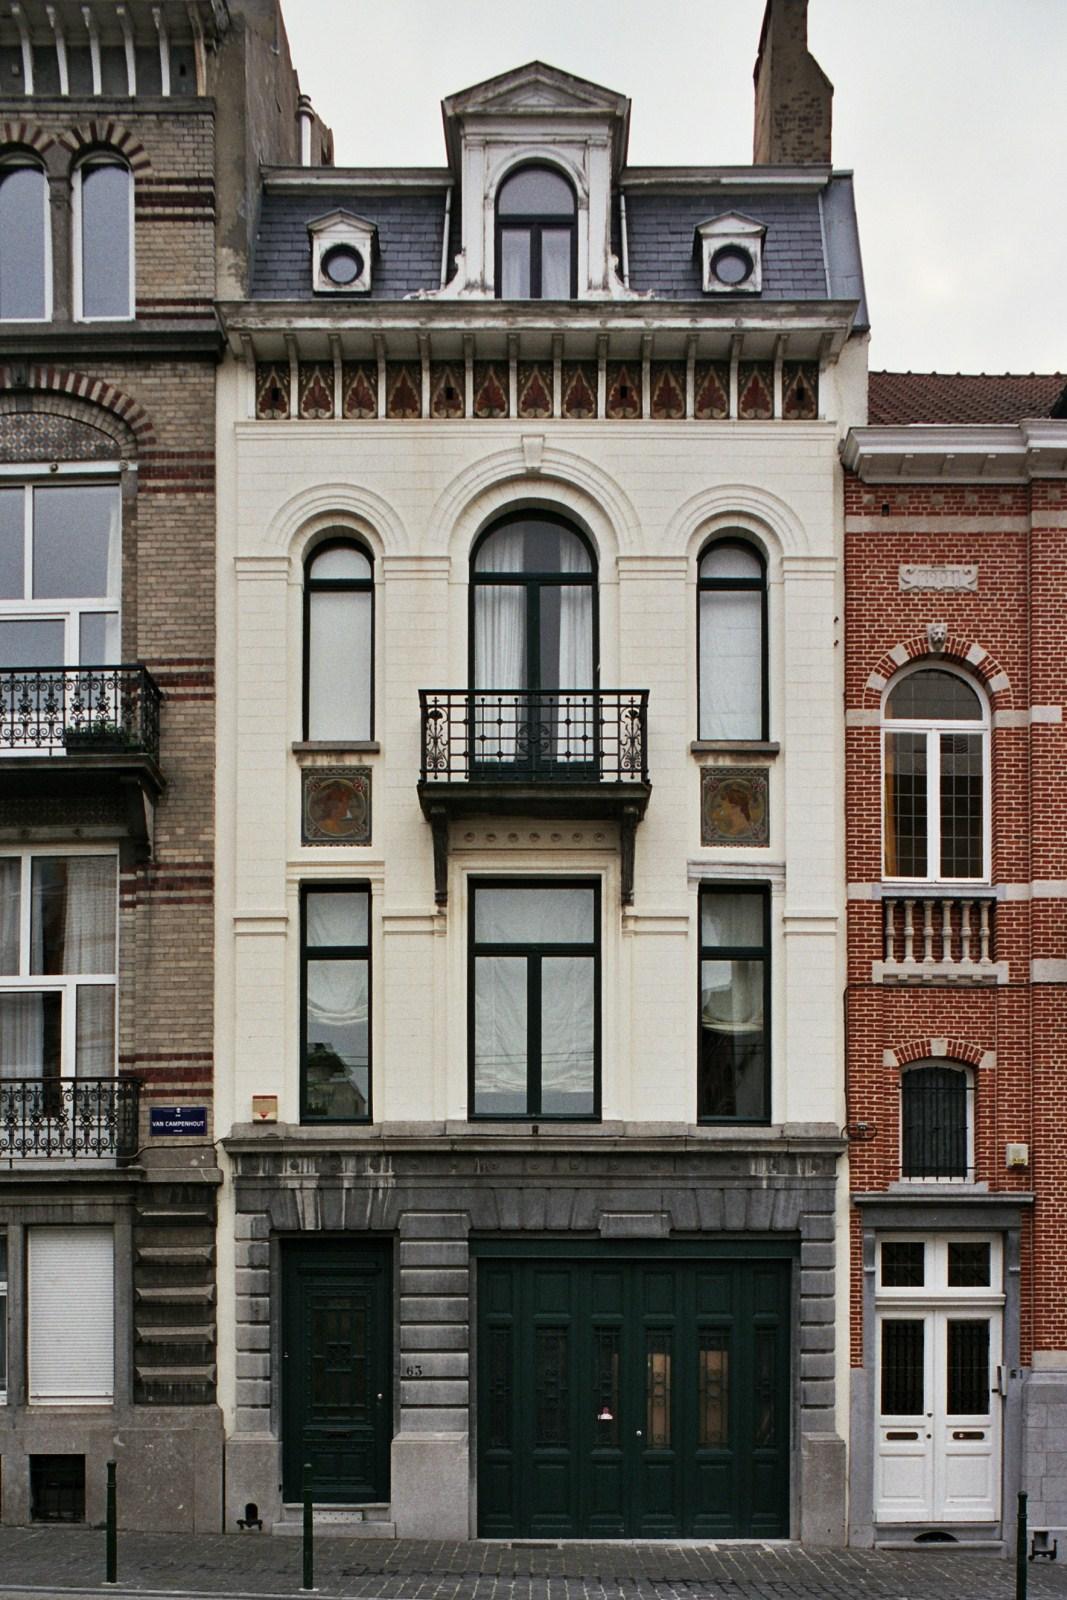 Rue Van Campenhout 63., 2007